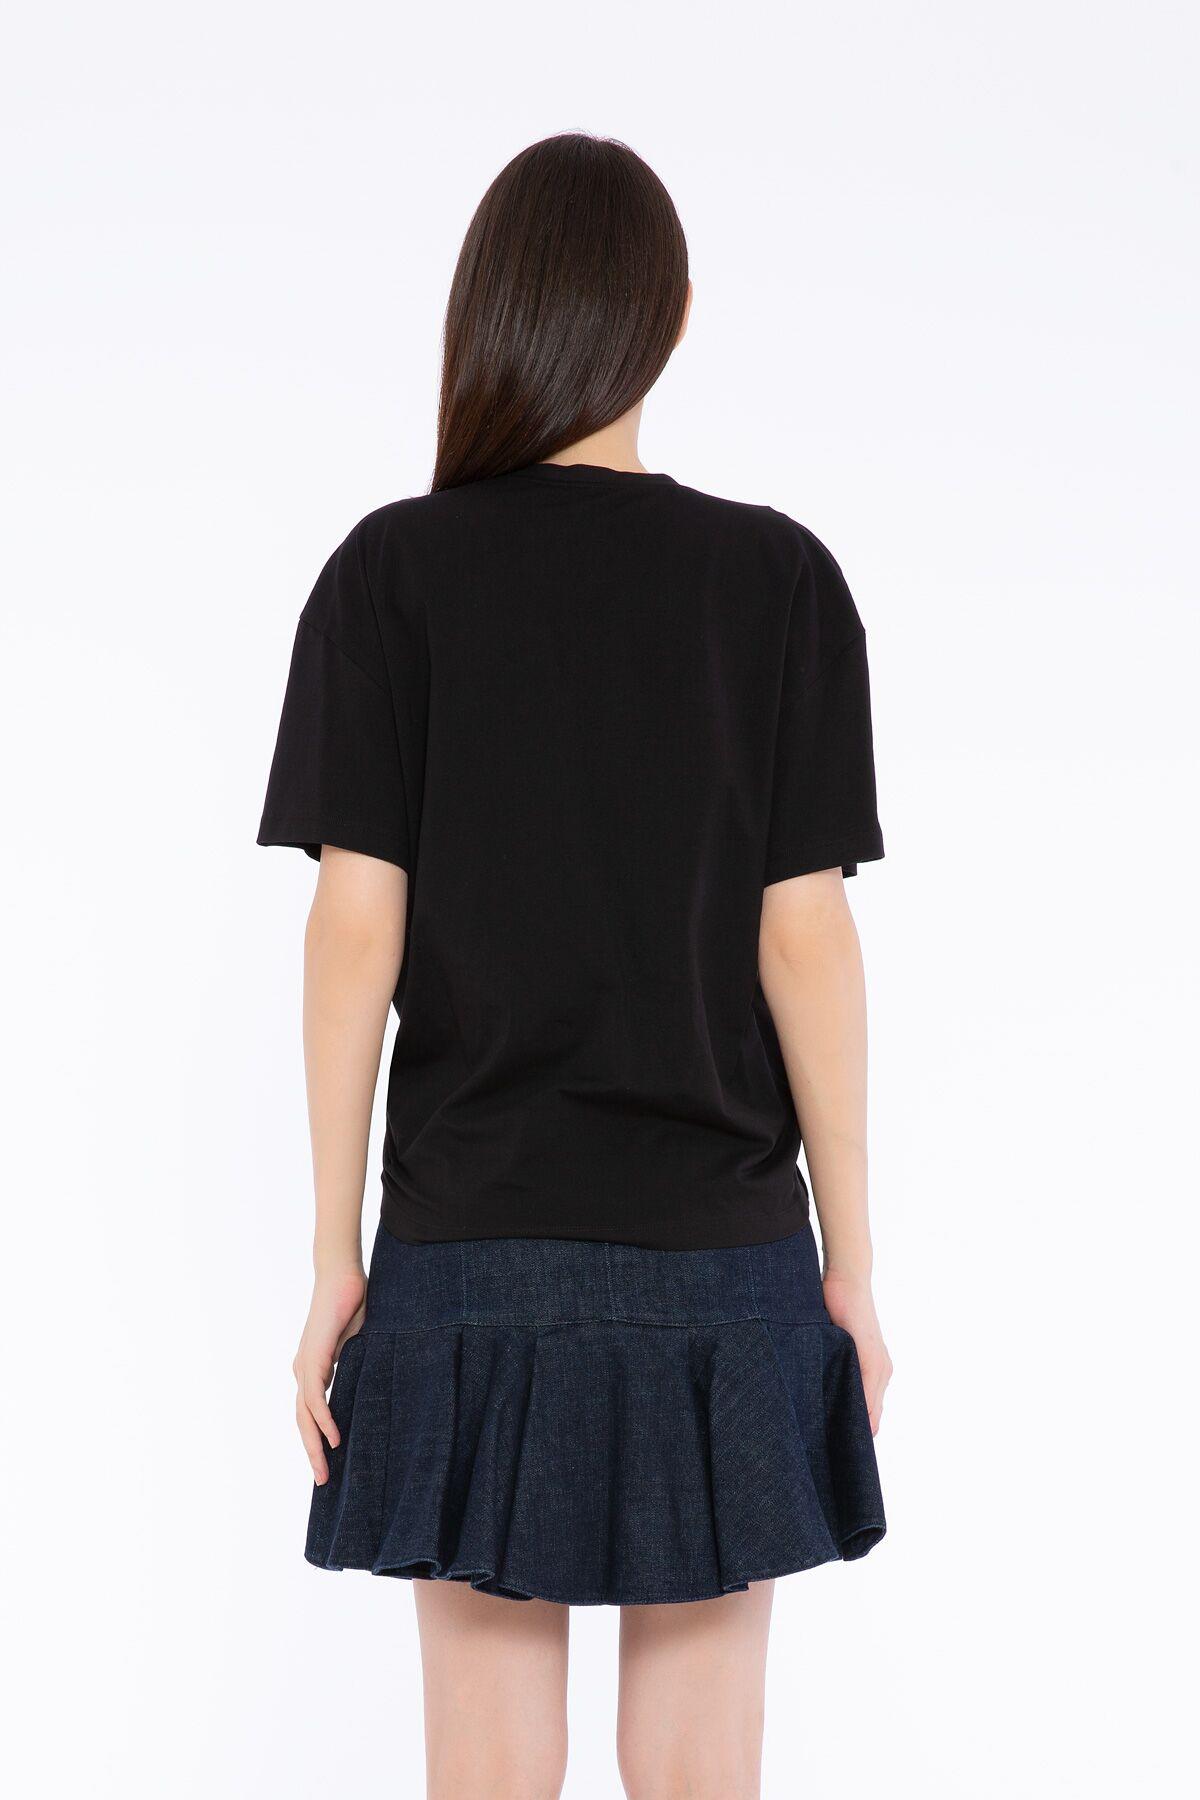 Çiçek Nakış Detaylı Siyah Basic T-shirt